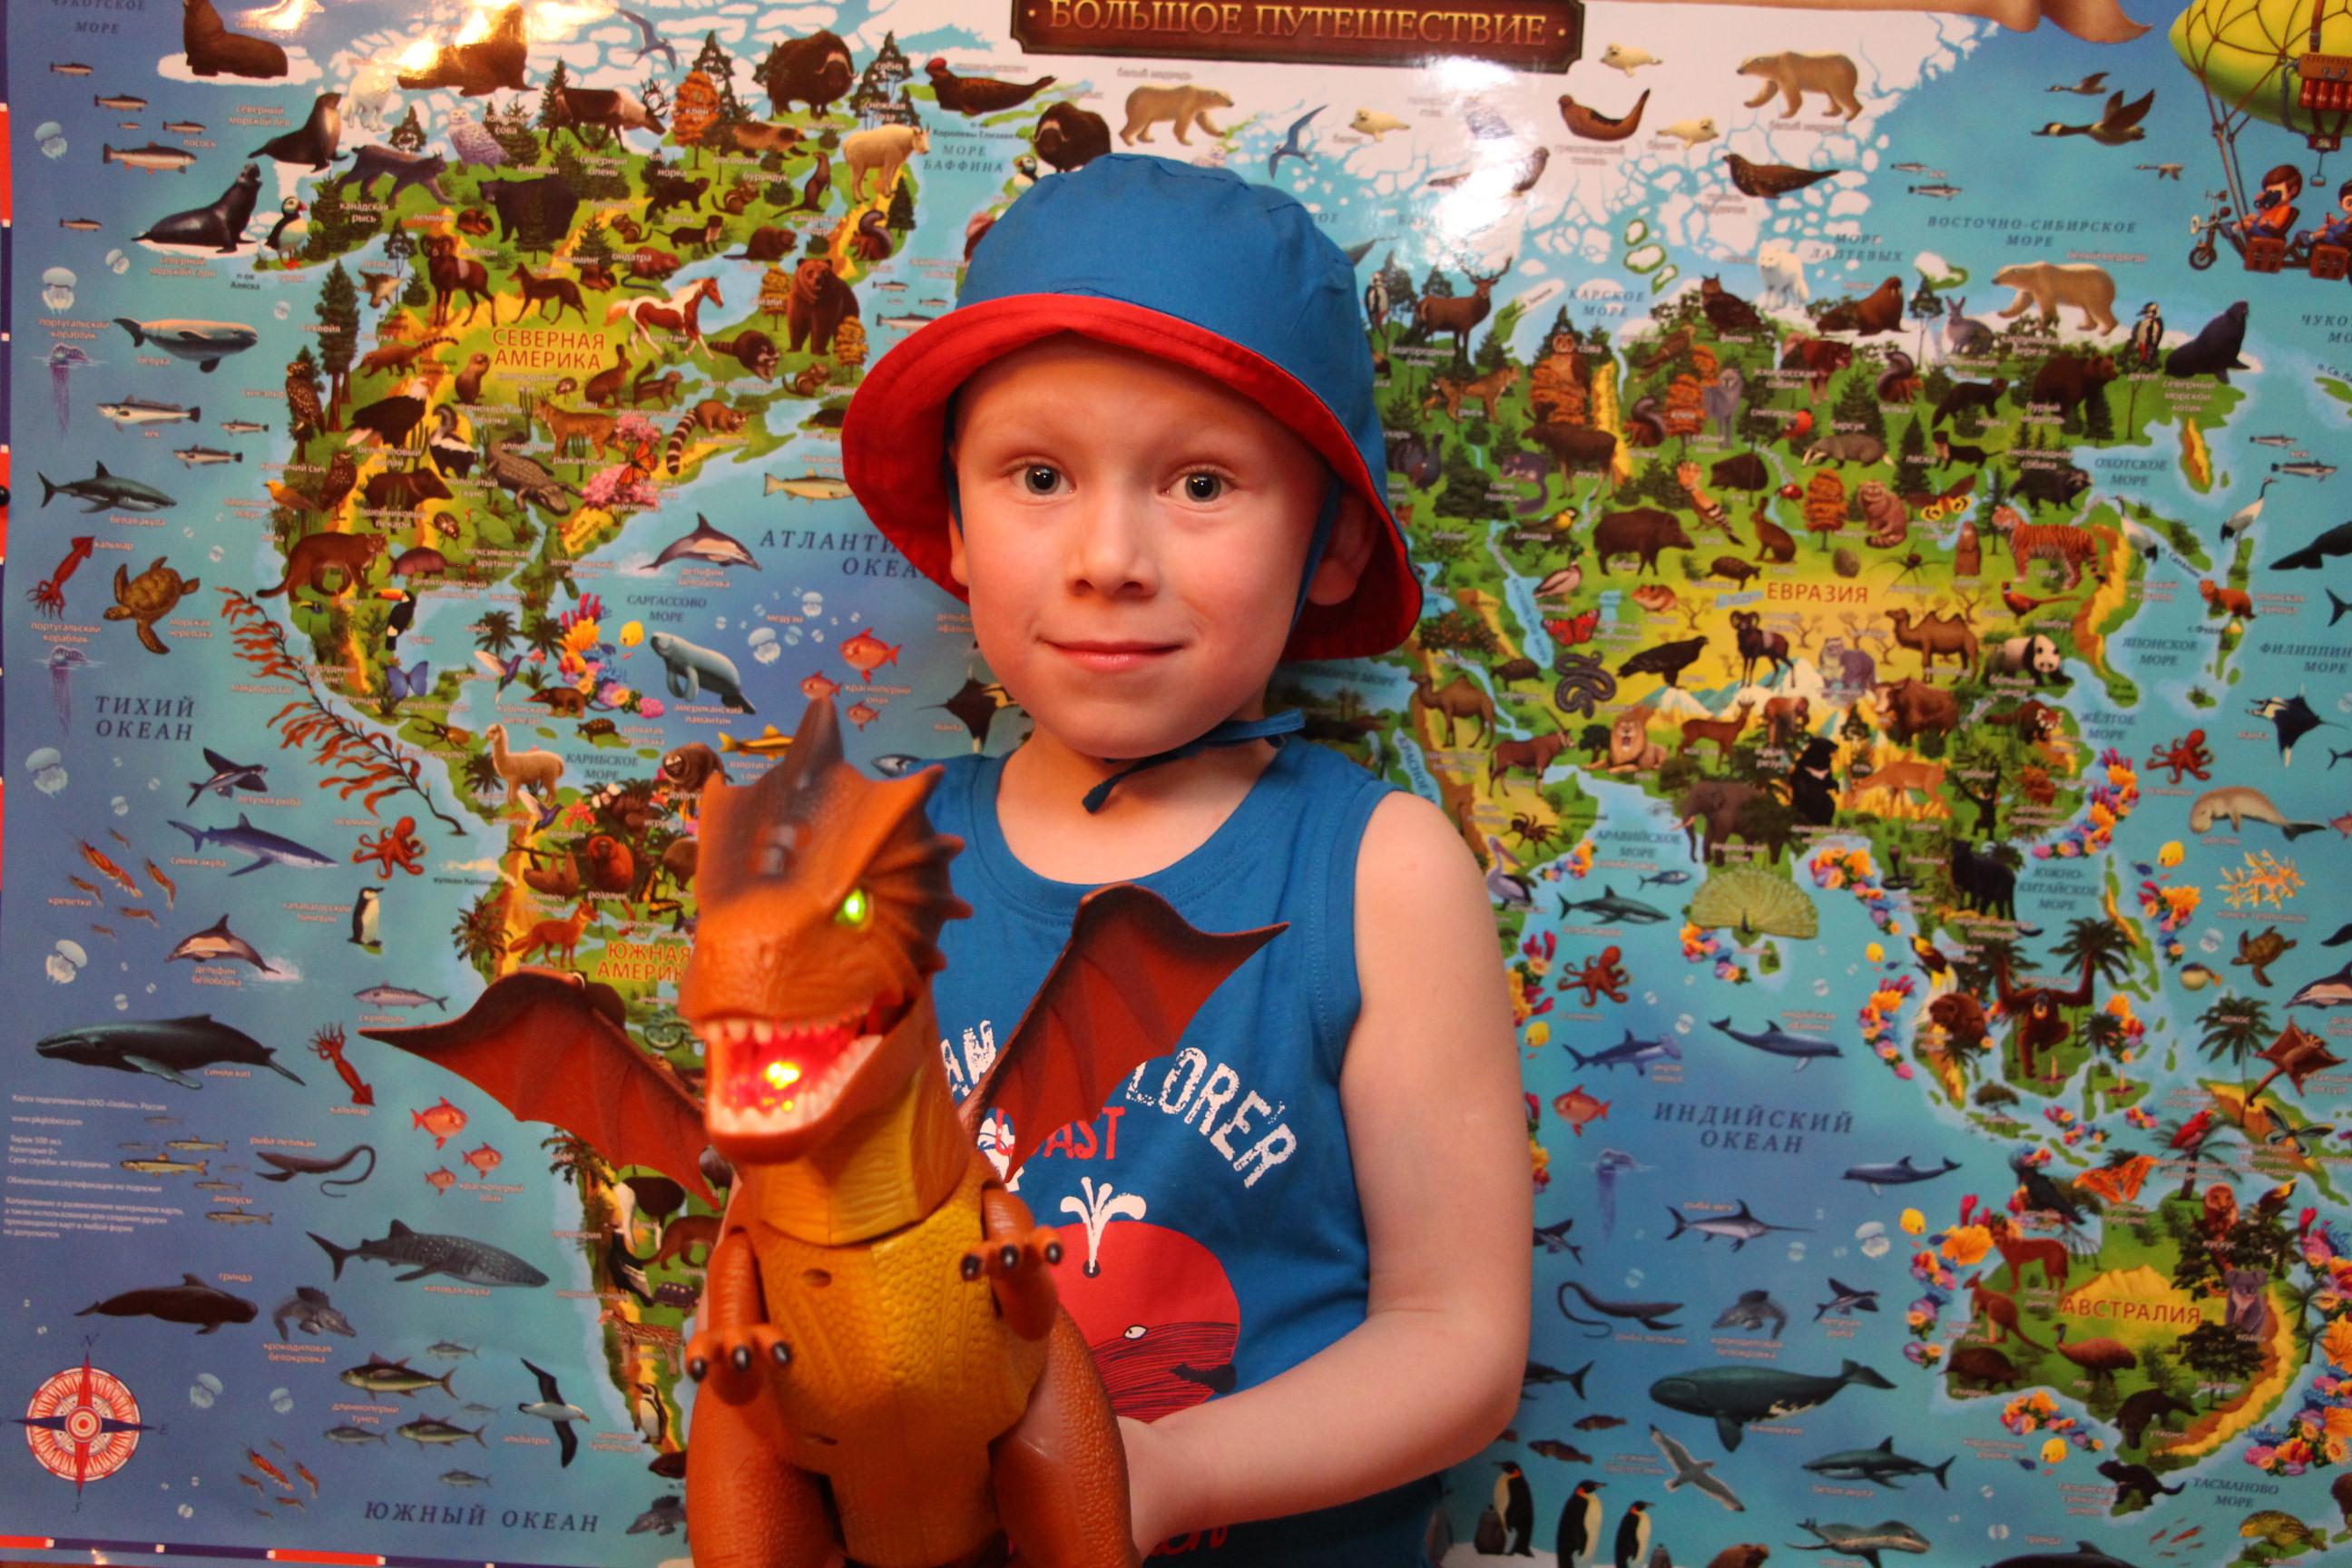 - 'Мамочка, а где жили мои любимые динозавры?'. Любимые динозавры